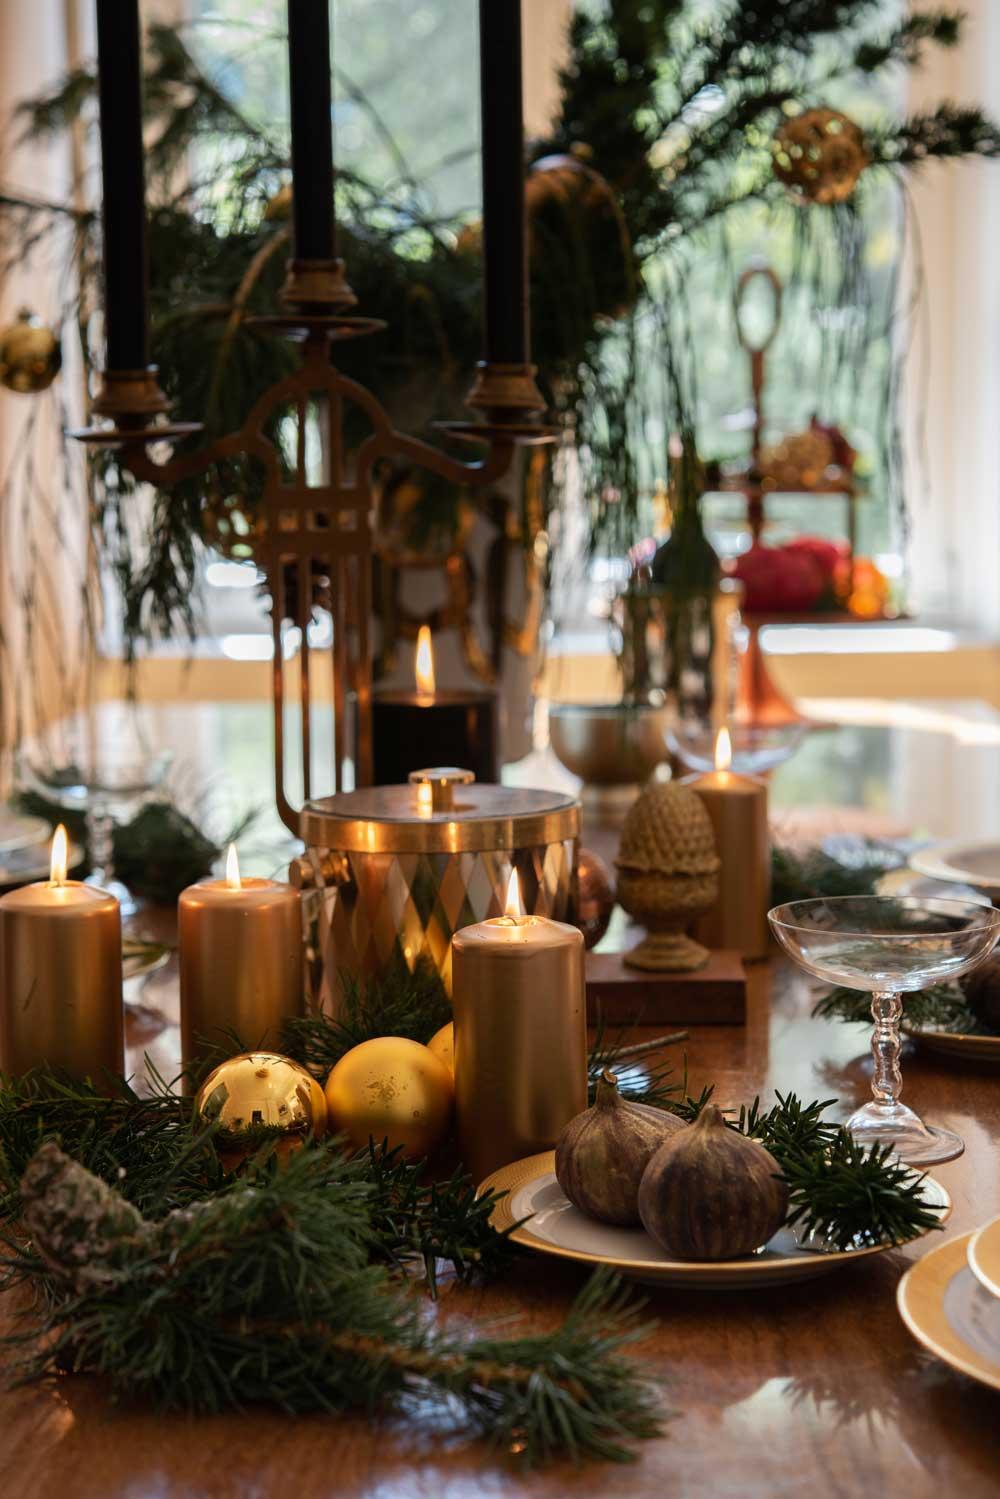 nachhaltige-weihnachtsdeko-wohnen-sabine-stelling-hamburg-mirjam-fruscella-closeup-decohome.de_